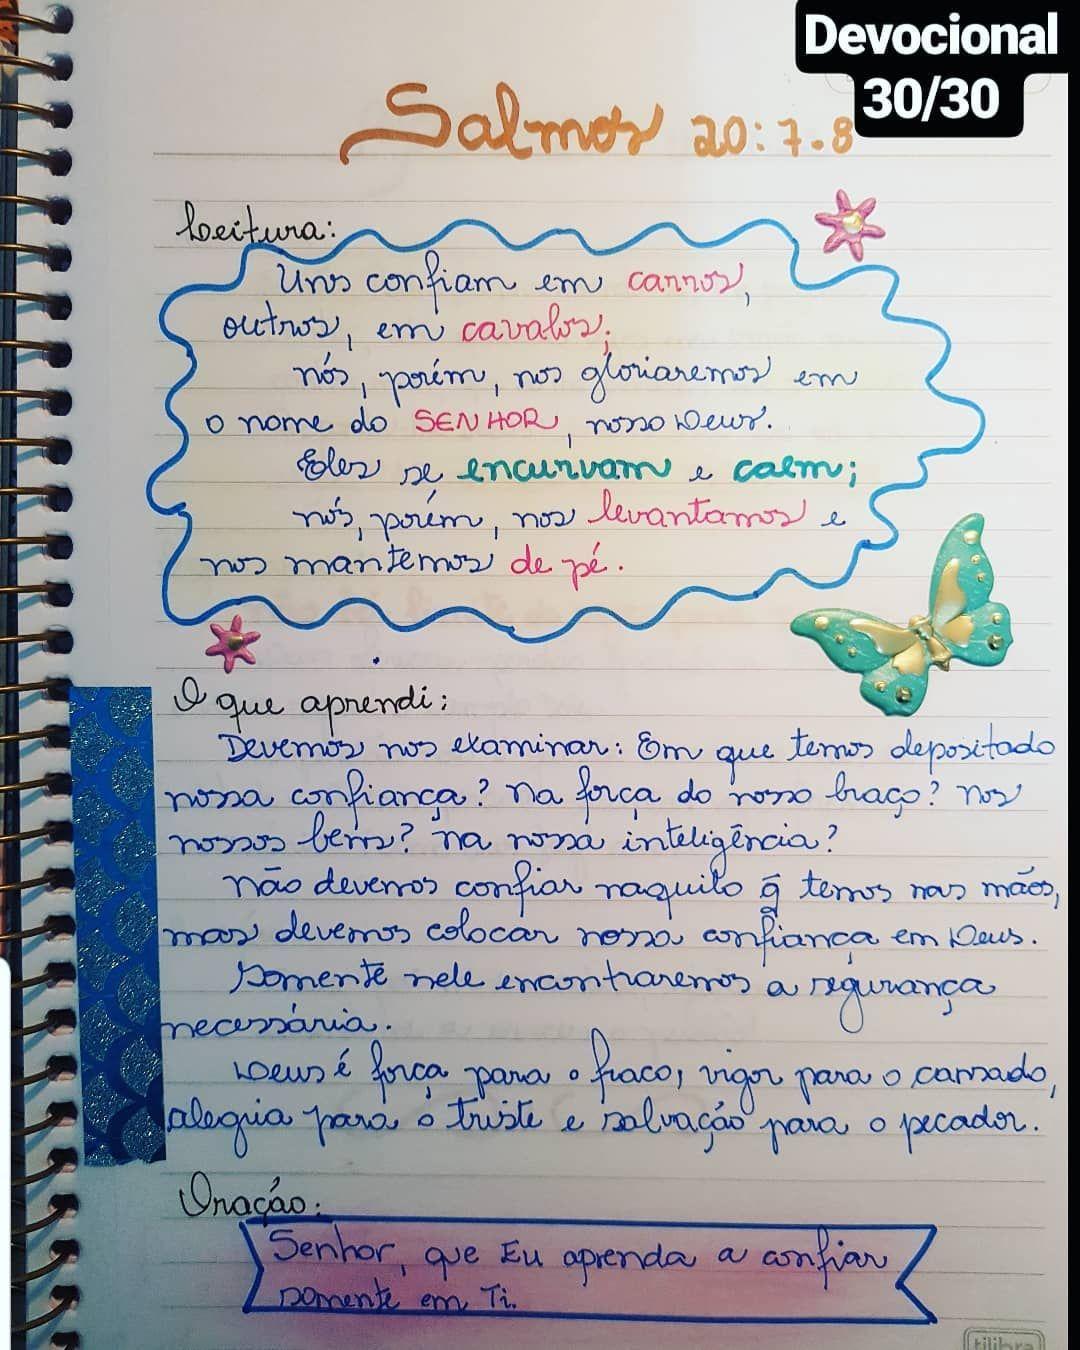 Devocional Diario 30 30 Em Que Voce Deposita A Sua Confianca